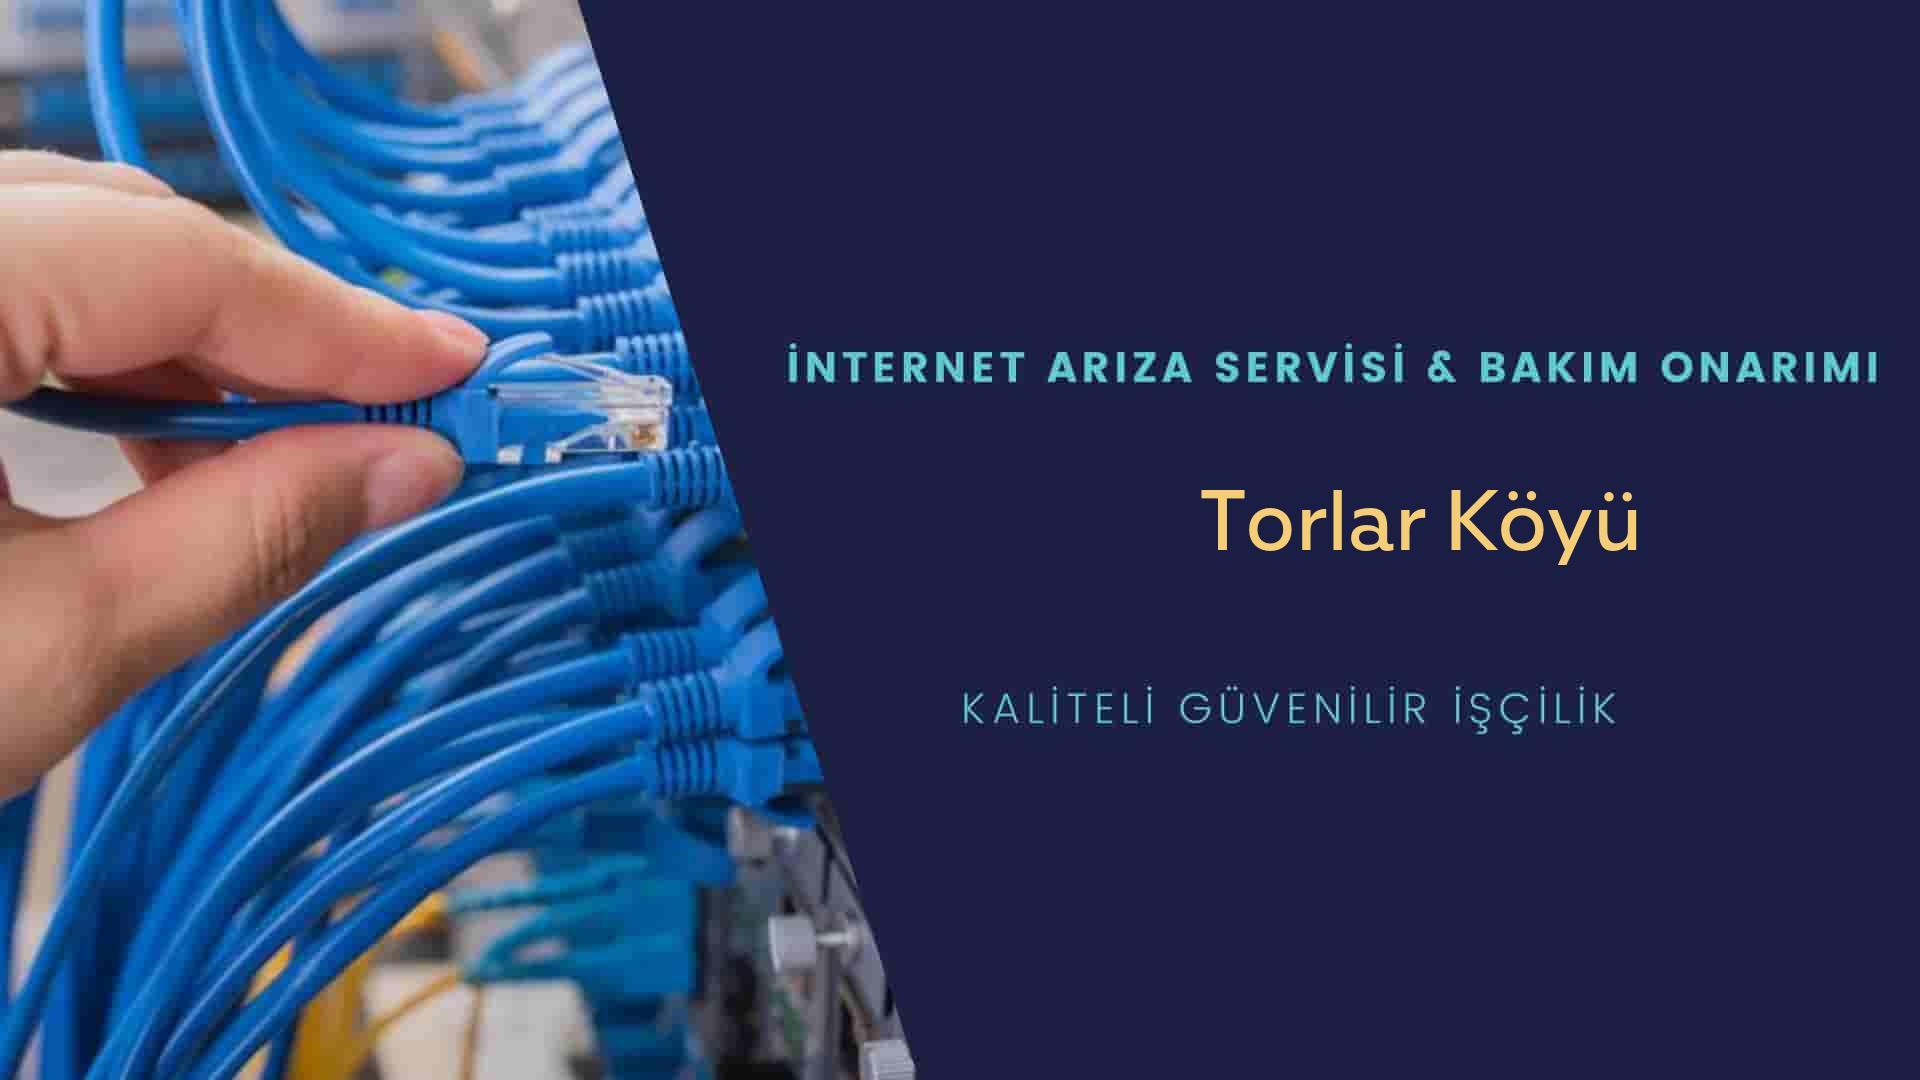 Torlar Köyü internet kablosu çekimi yapan yerler veya elektrikçiler mi? arıyorsunuz doğru yerdesiniz o zaman sizlere 7/24 yardımcı olacak profesyonel ustalarımız bir telefon kadar yakındır size.